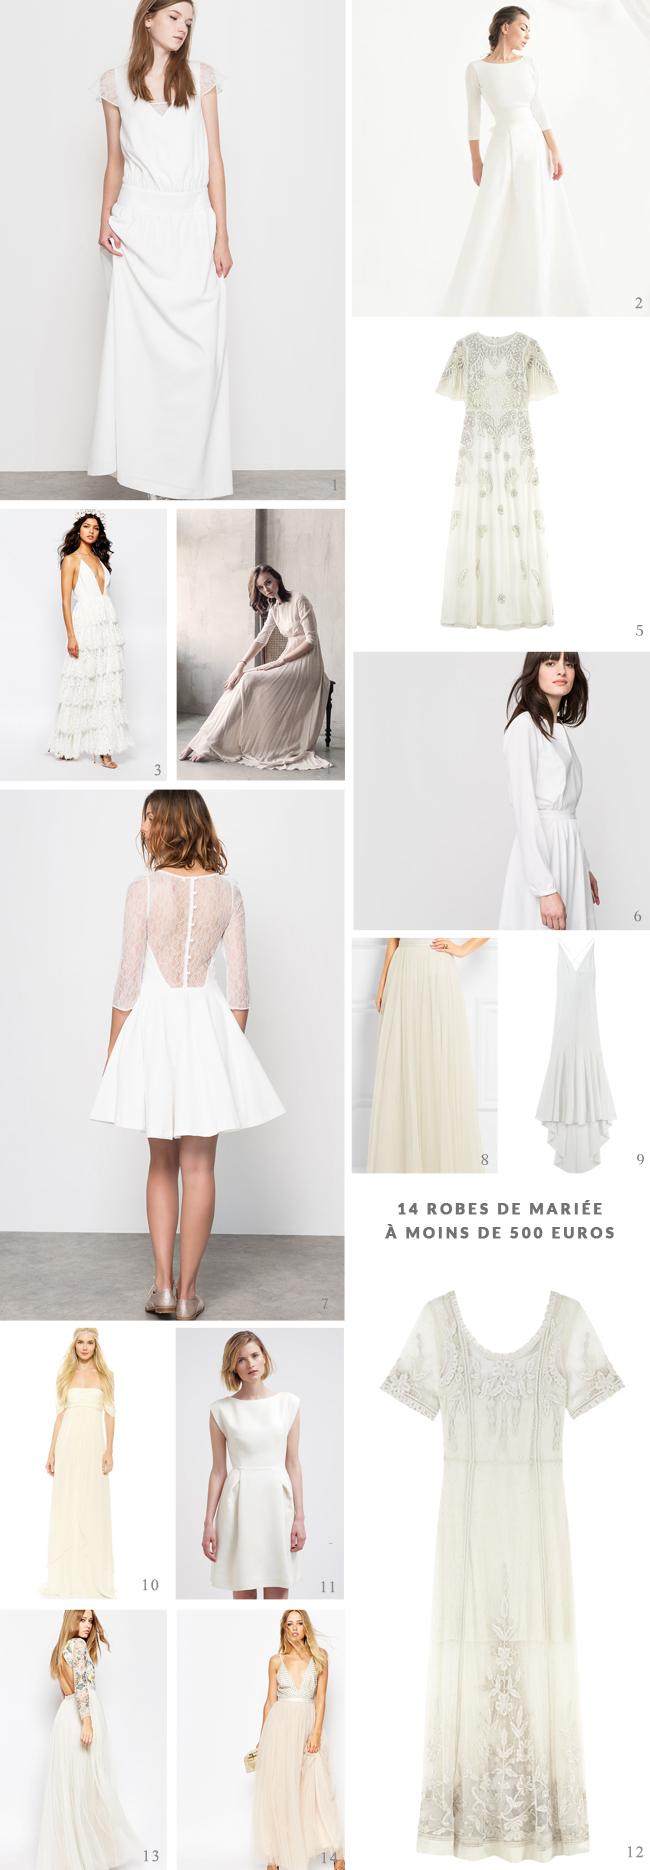 14 robes de mariée à moins de 500 euros à découvrir sur La mariée aux pieds nus